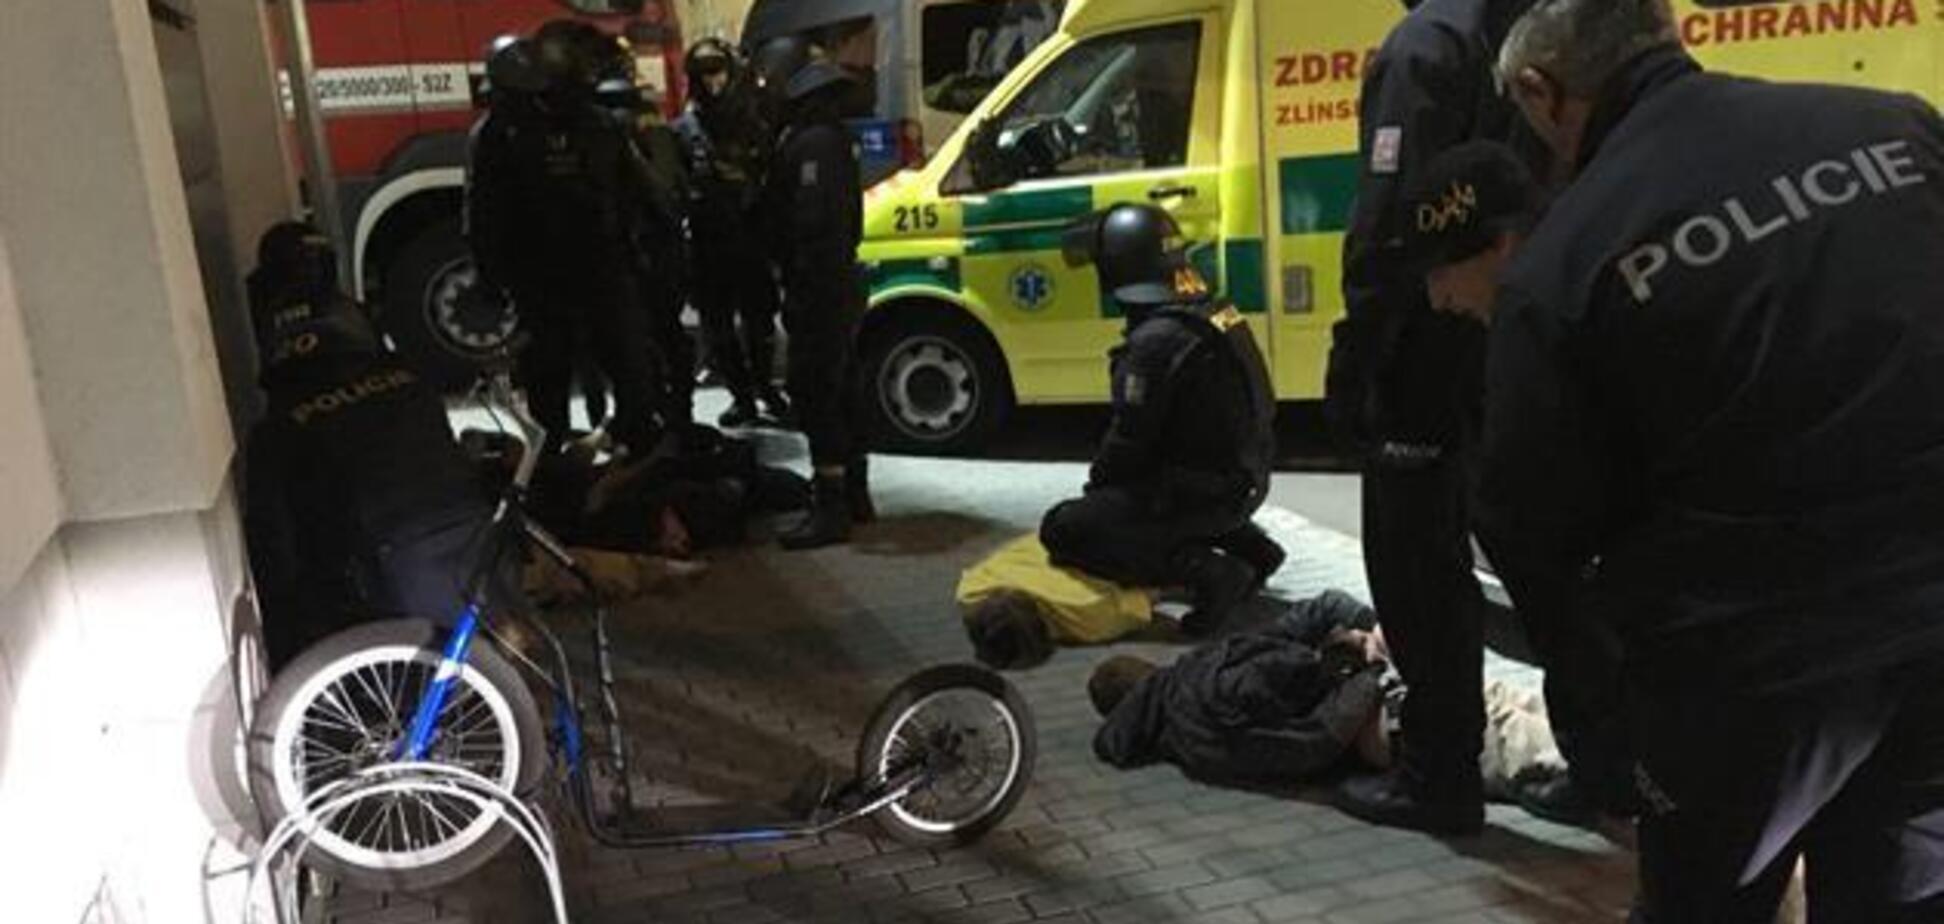 Драка украинских фанатов с полицией в Чехии: СМИ сообщили об арестах